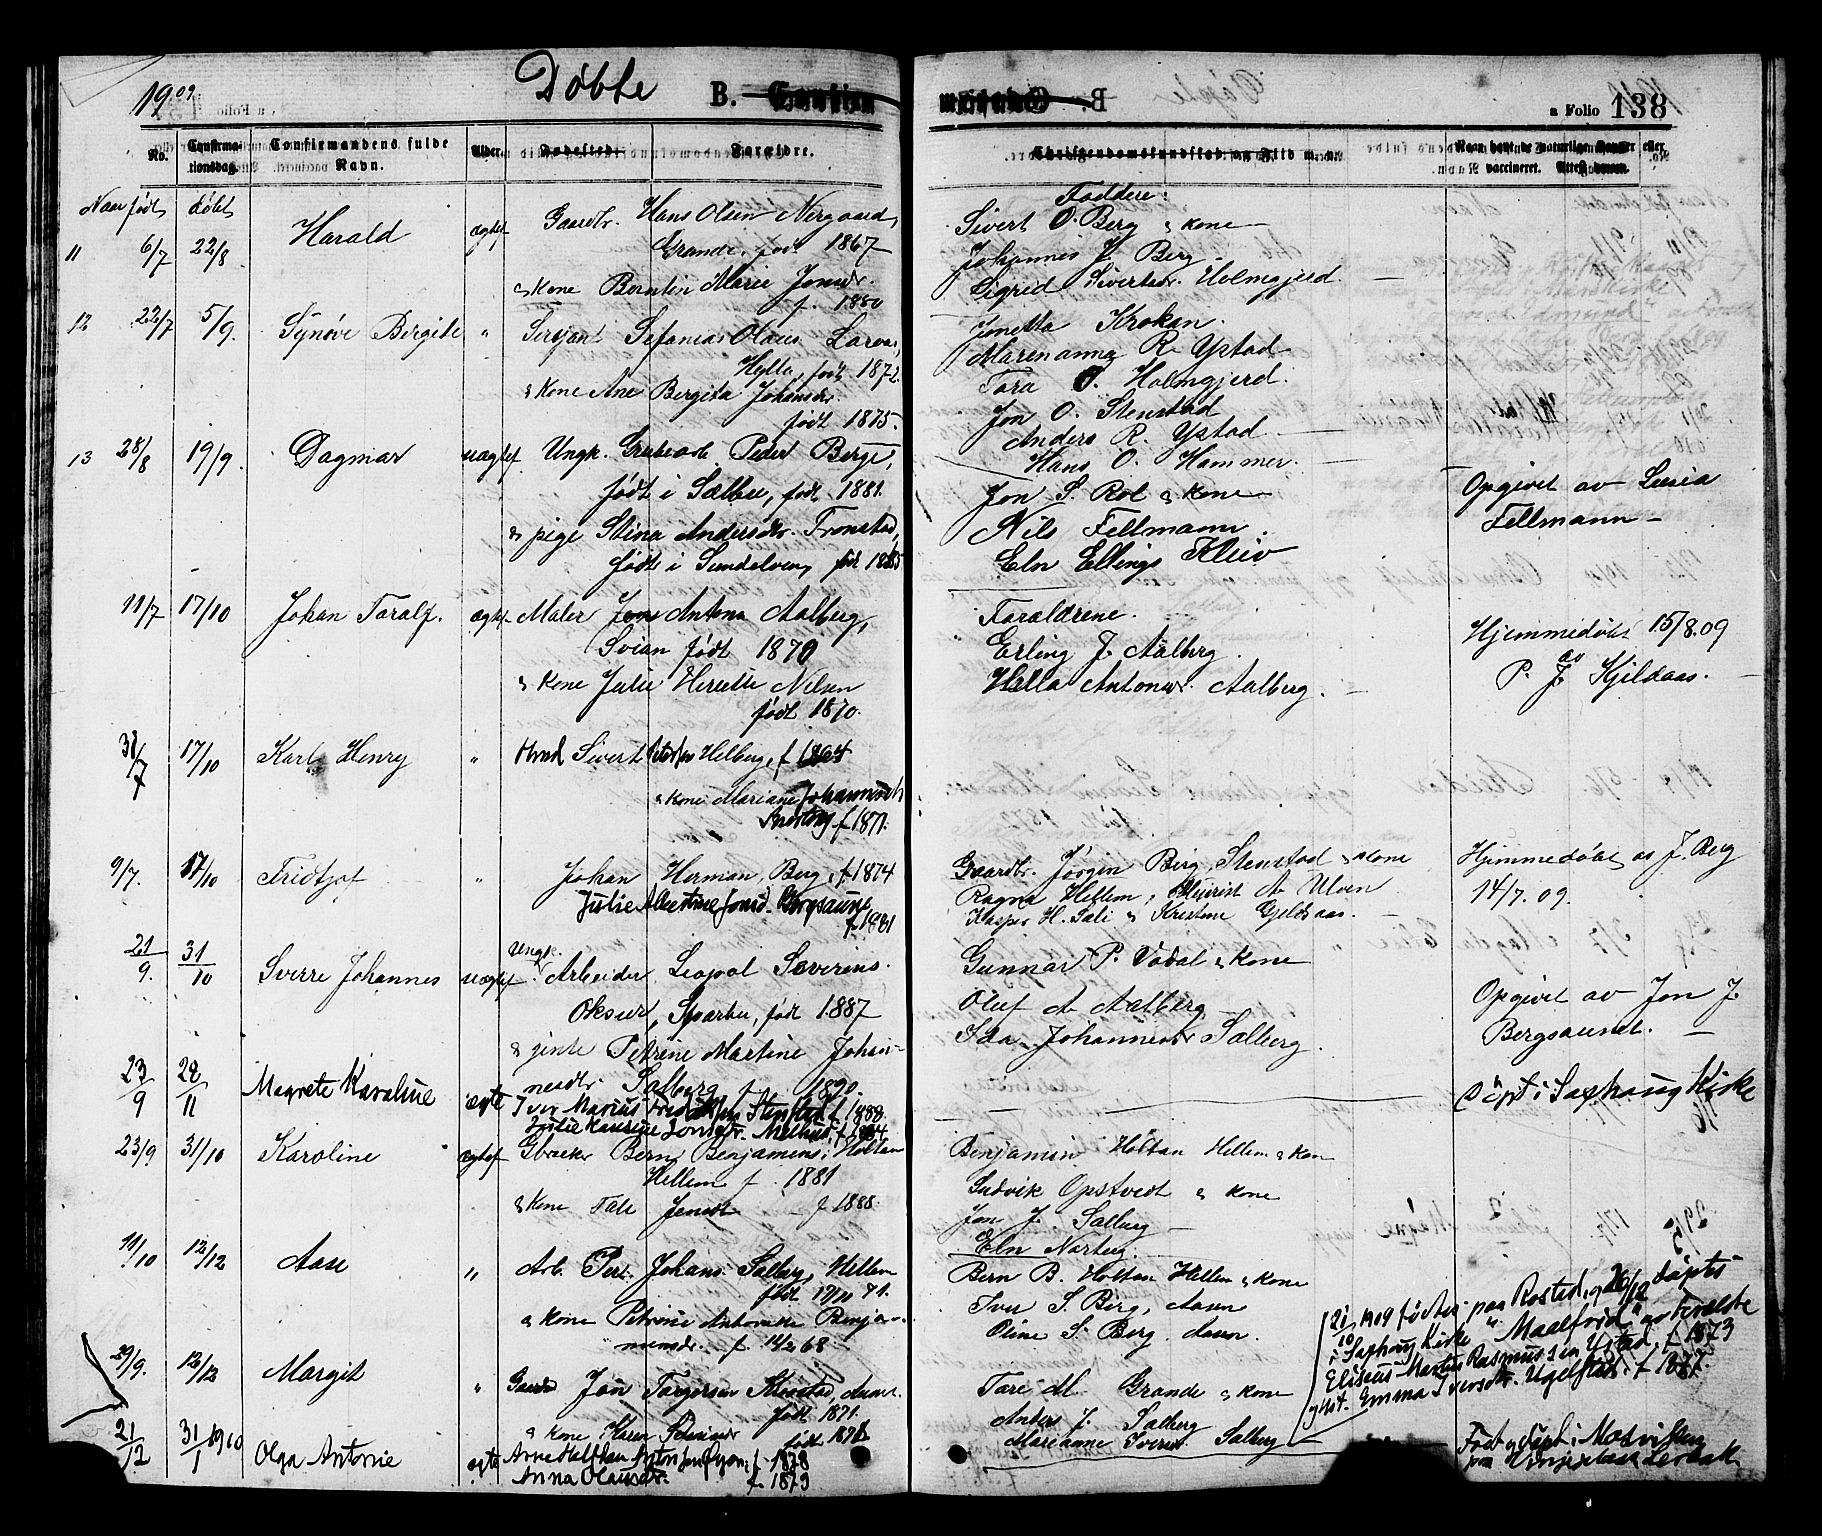 SAT, Ministerialprotokoller, klokkerbøker og fødselsregistre - Nord-Trøndelag, 731/L0311: Klokkerbok nr. 731C02, 1875-1911, s. 138